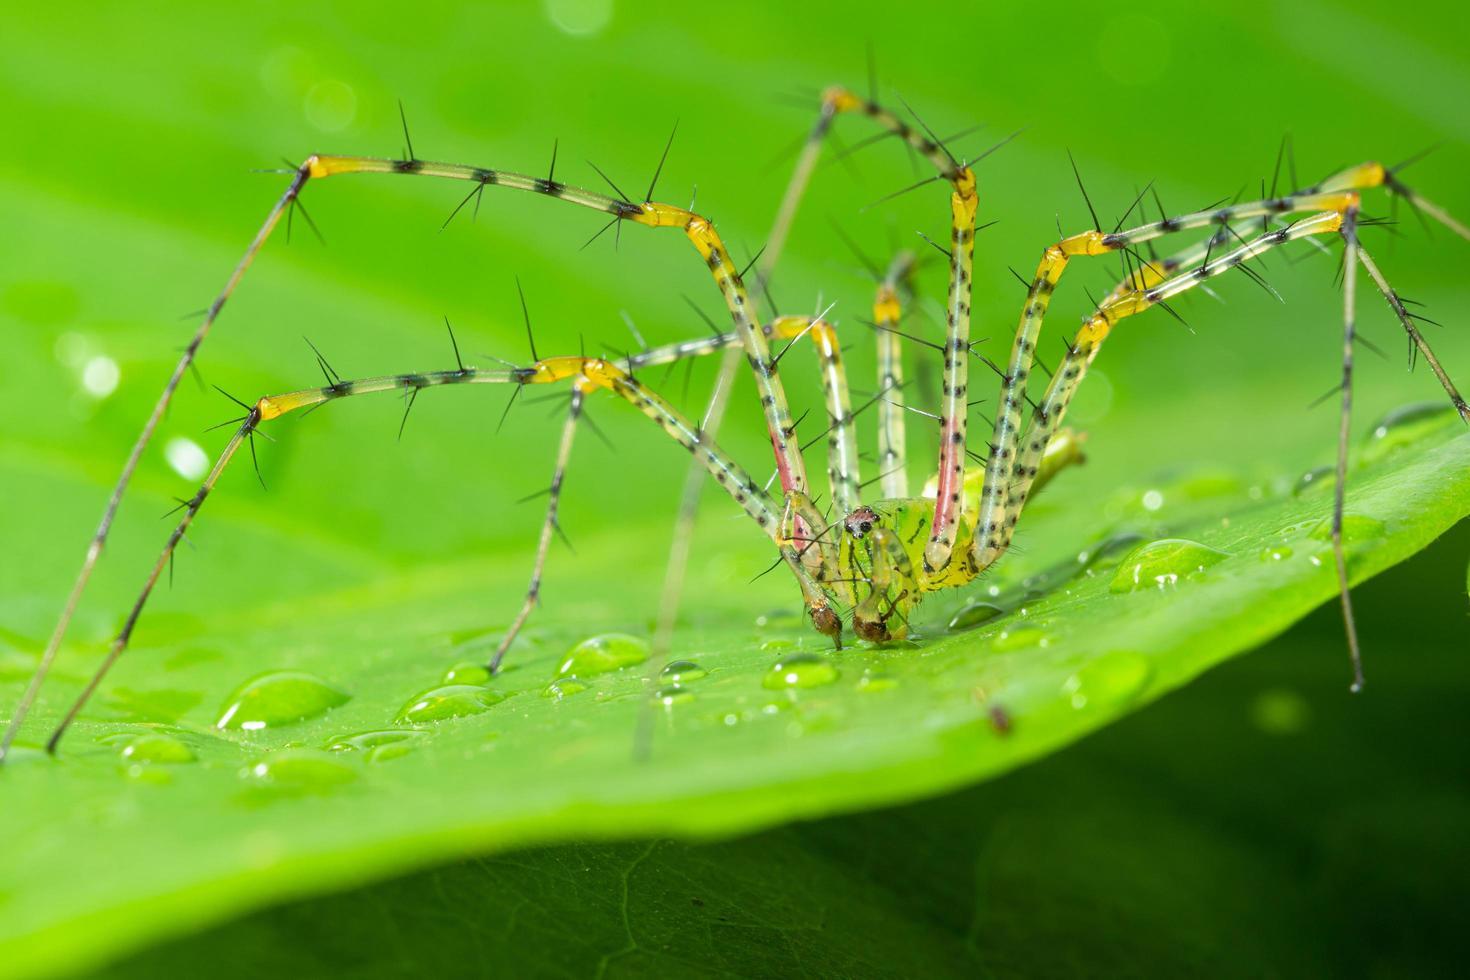 Spinne auf einem grünen Blatt foto